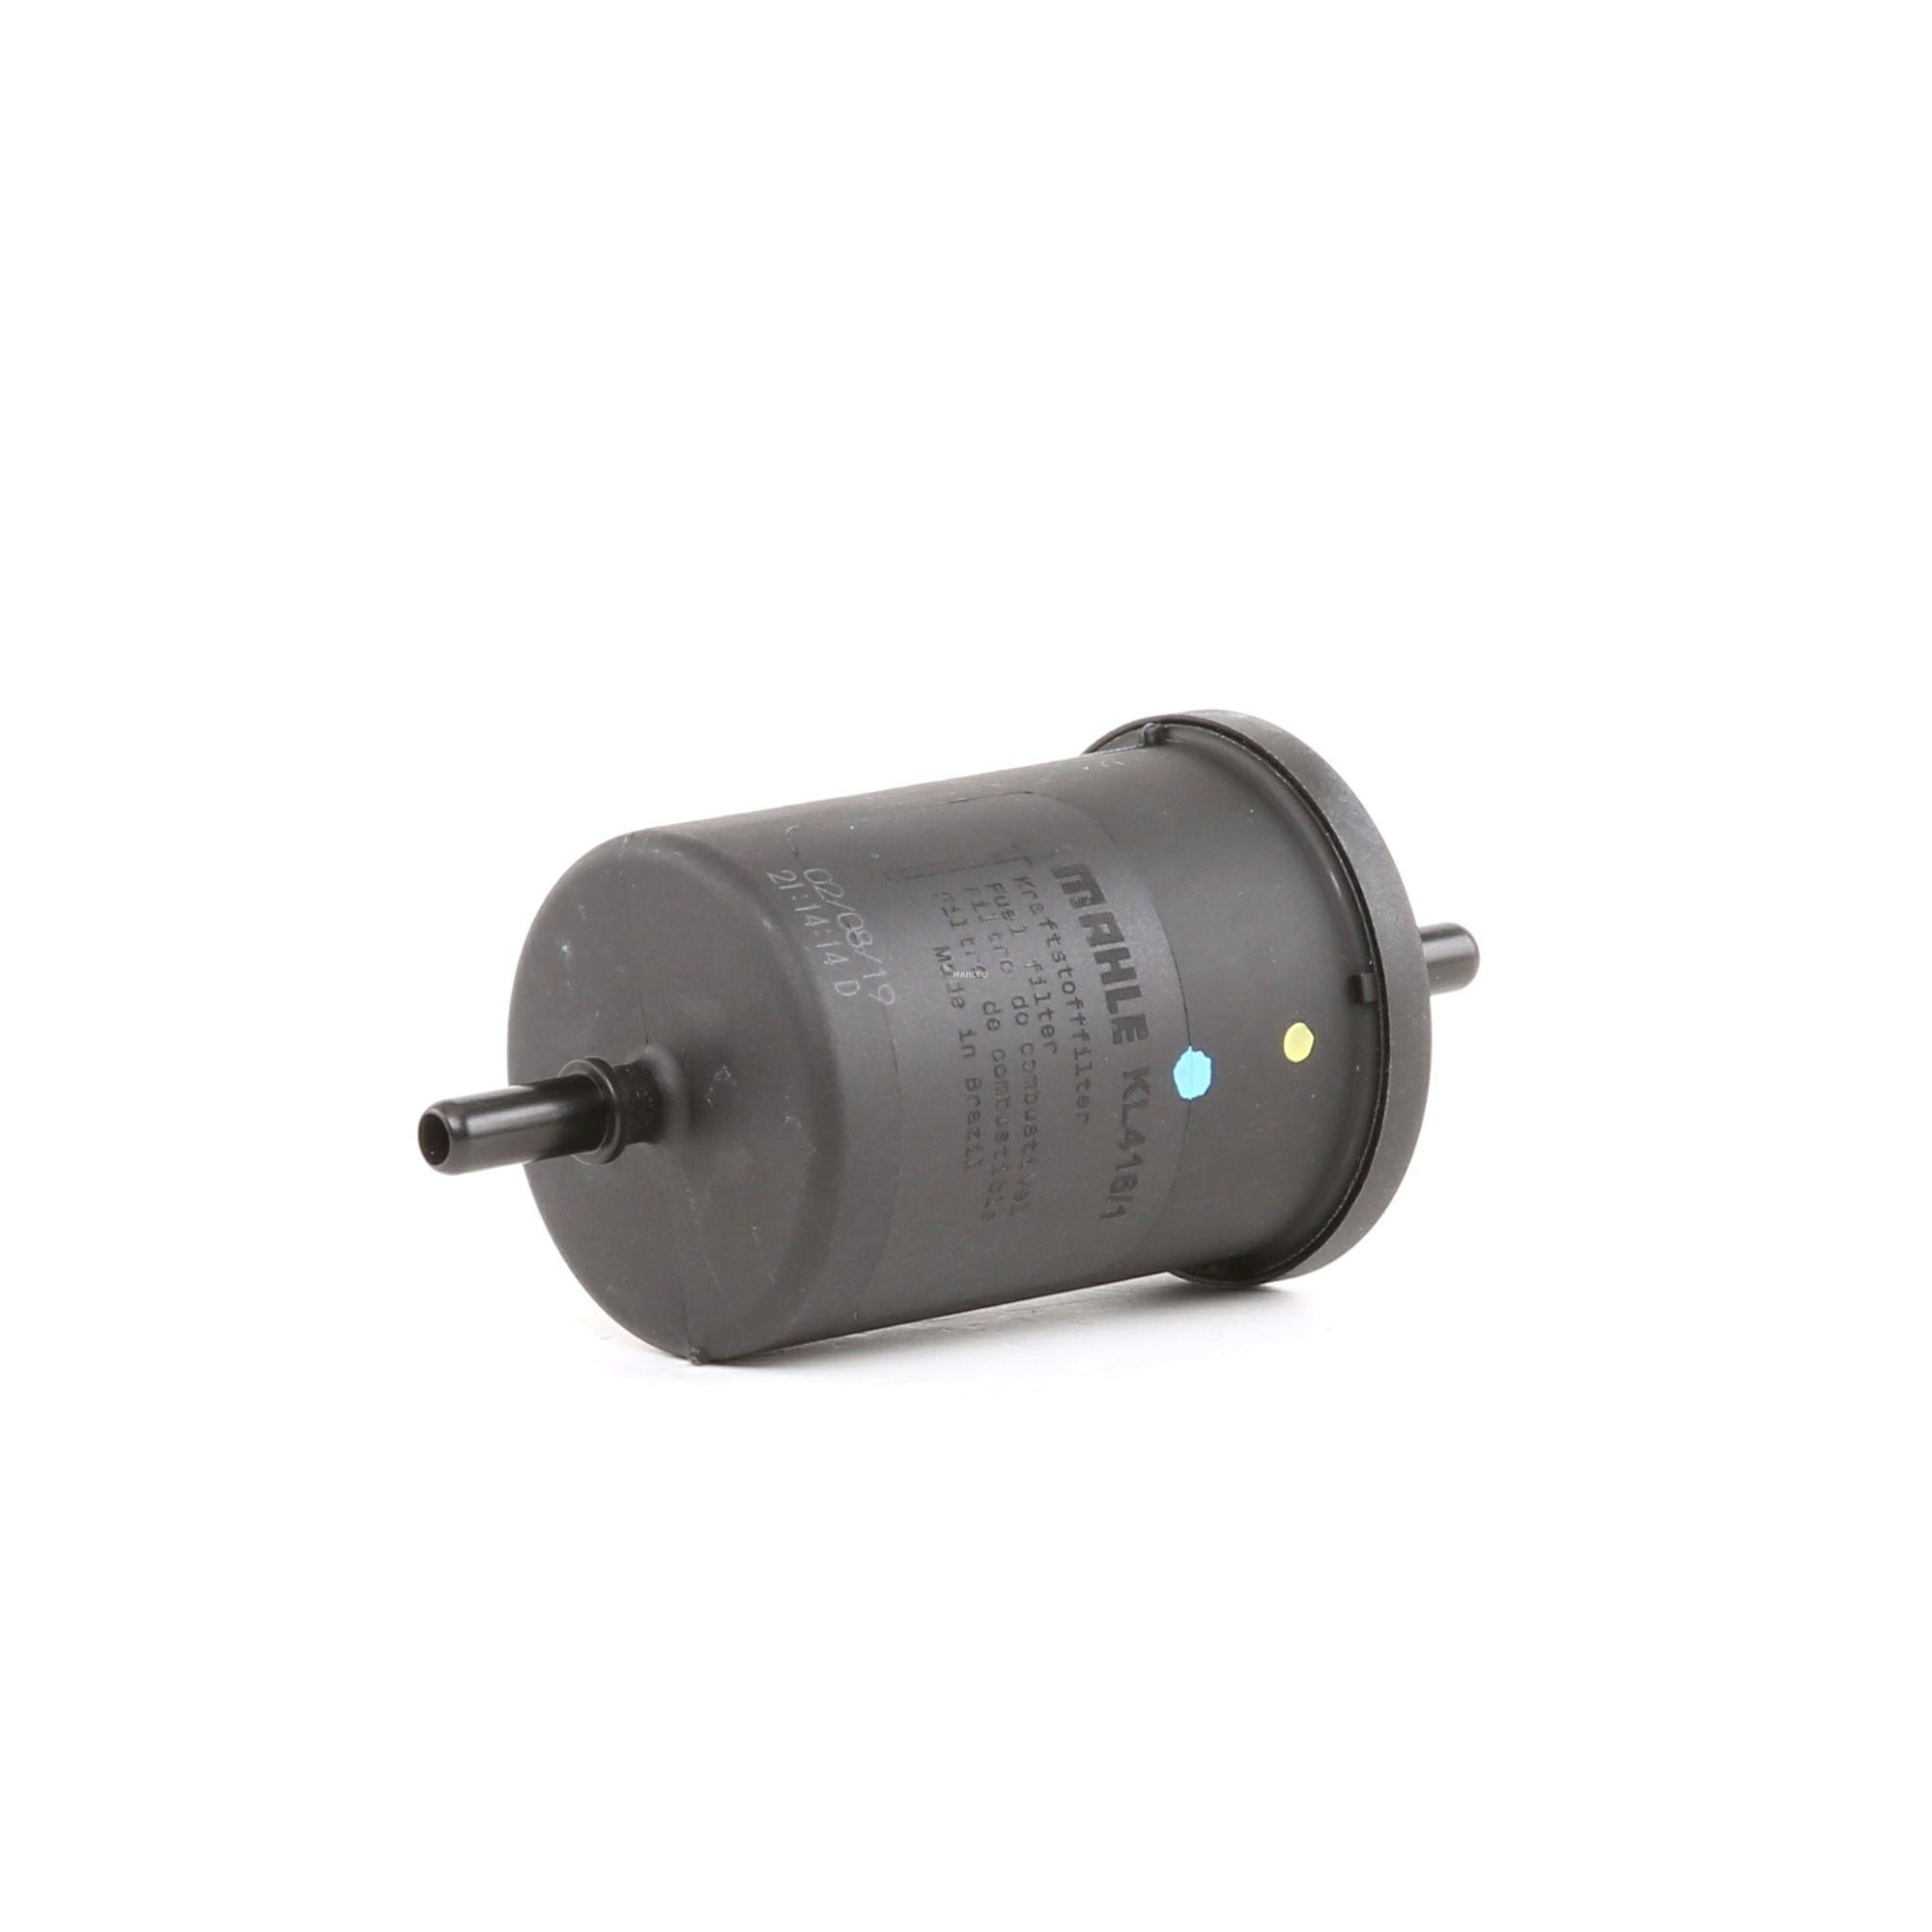 Pieces detachees RENAULT EXPRESS 1996 : Filtre à carburant MAHLE ORIGINAL KL 416/1 Hauteur: 142mm, Diamètre du boîtier: 55mm - Achetez tout de suite!